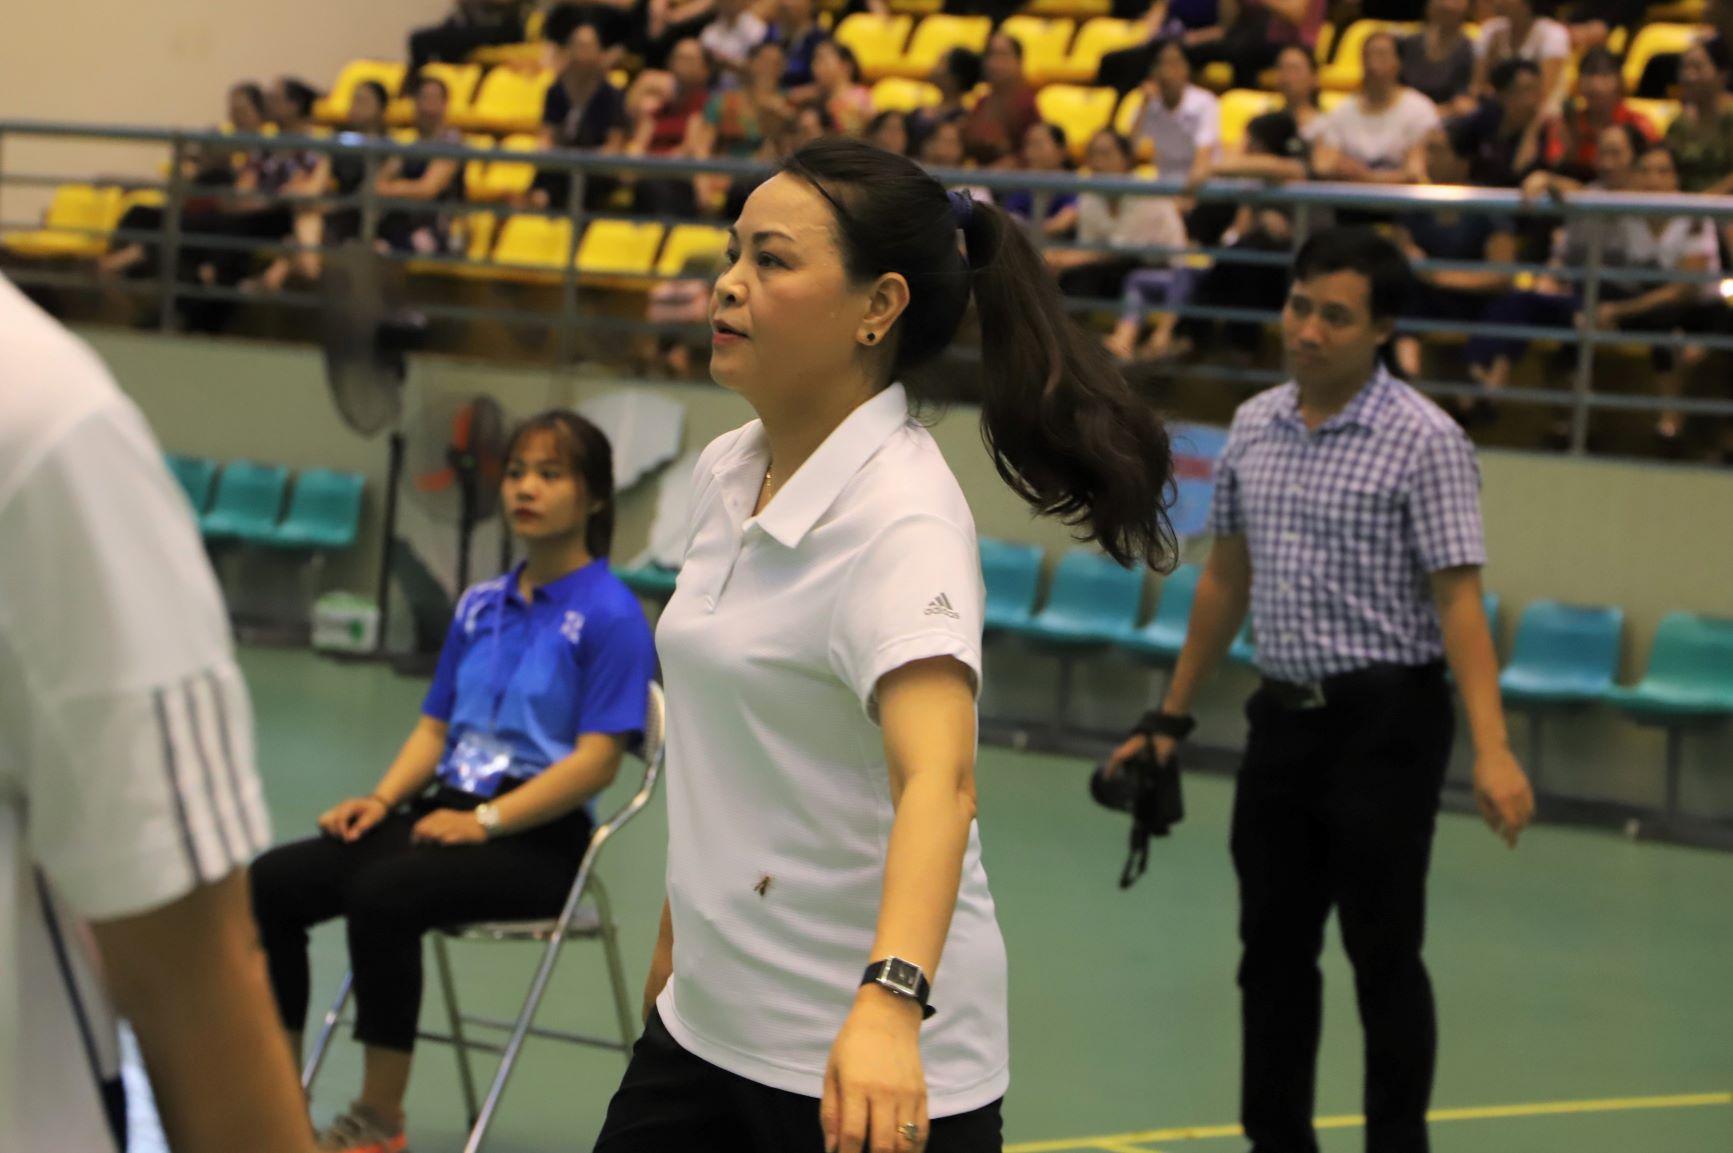 Sự say sưa, tập trung đầy dẻo dai của nữ vận động viên cho thấy đây là bộ môn thể thao được bà yêu thích.